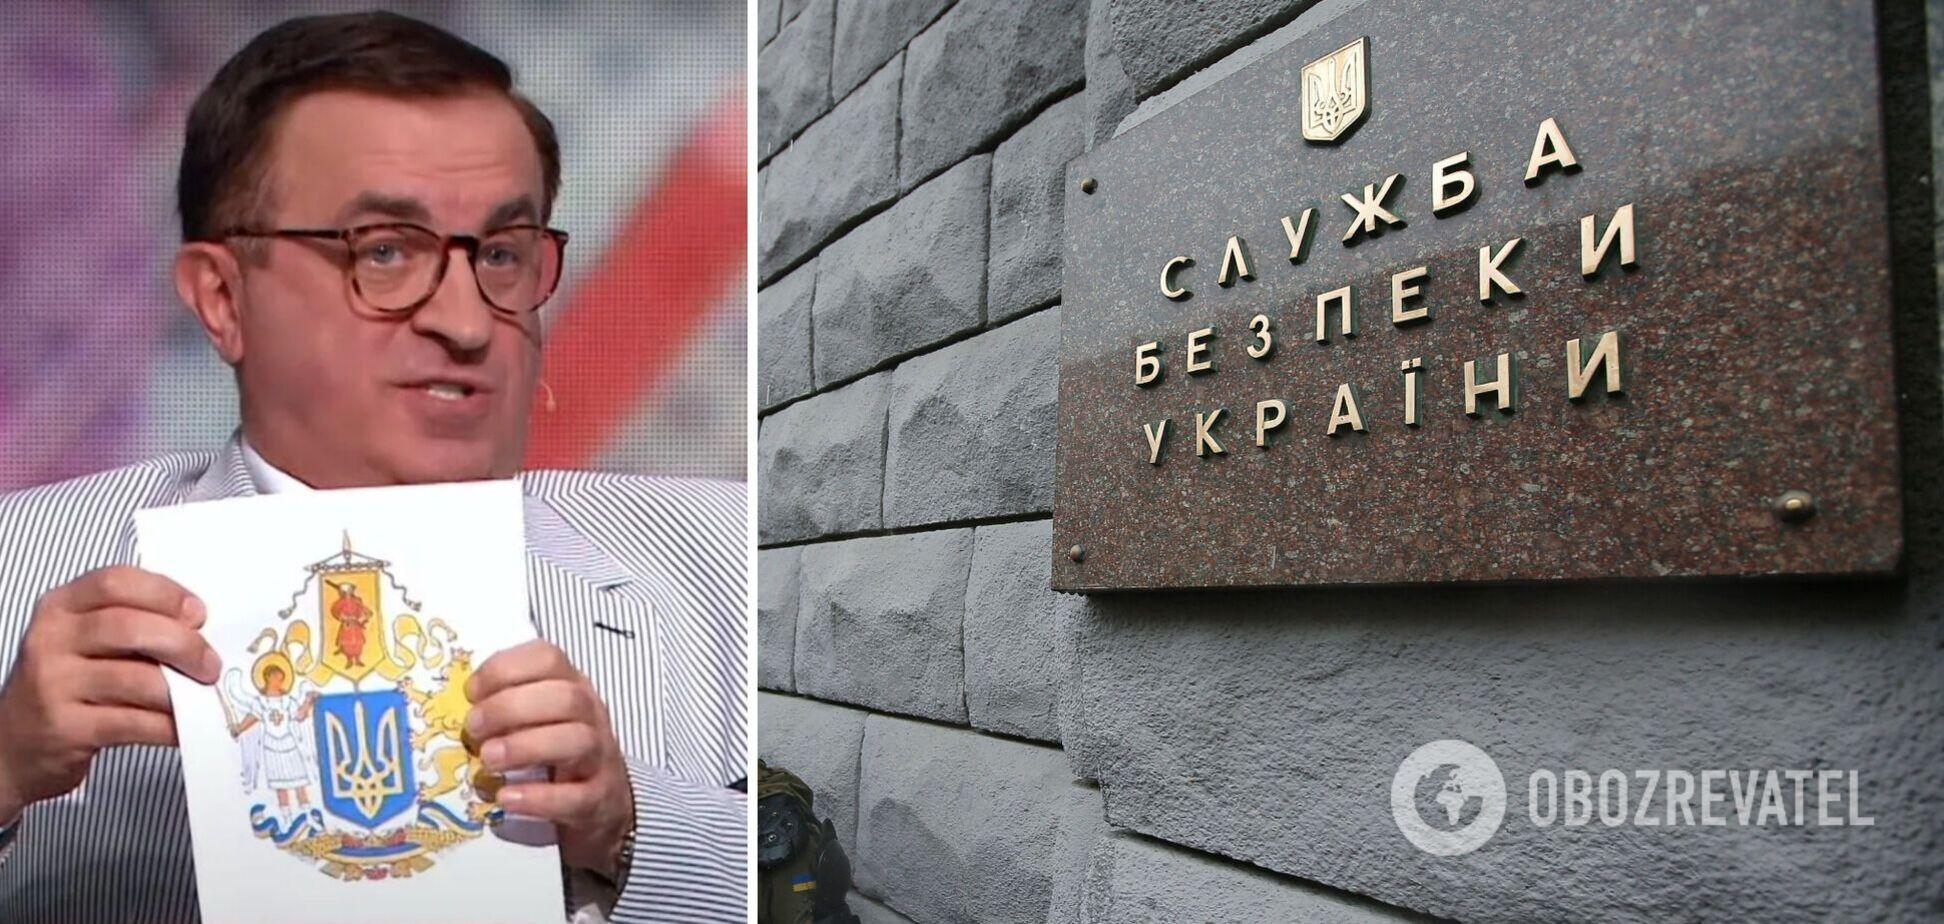 СБУ затримала 'політичного експерта' з каналів Медведчука. Фото і відео